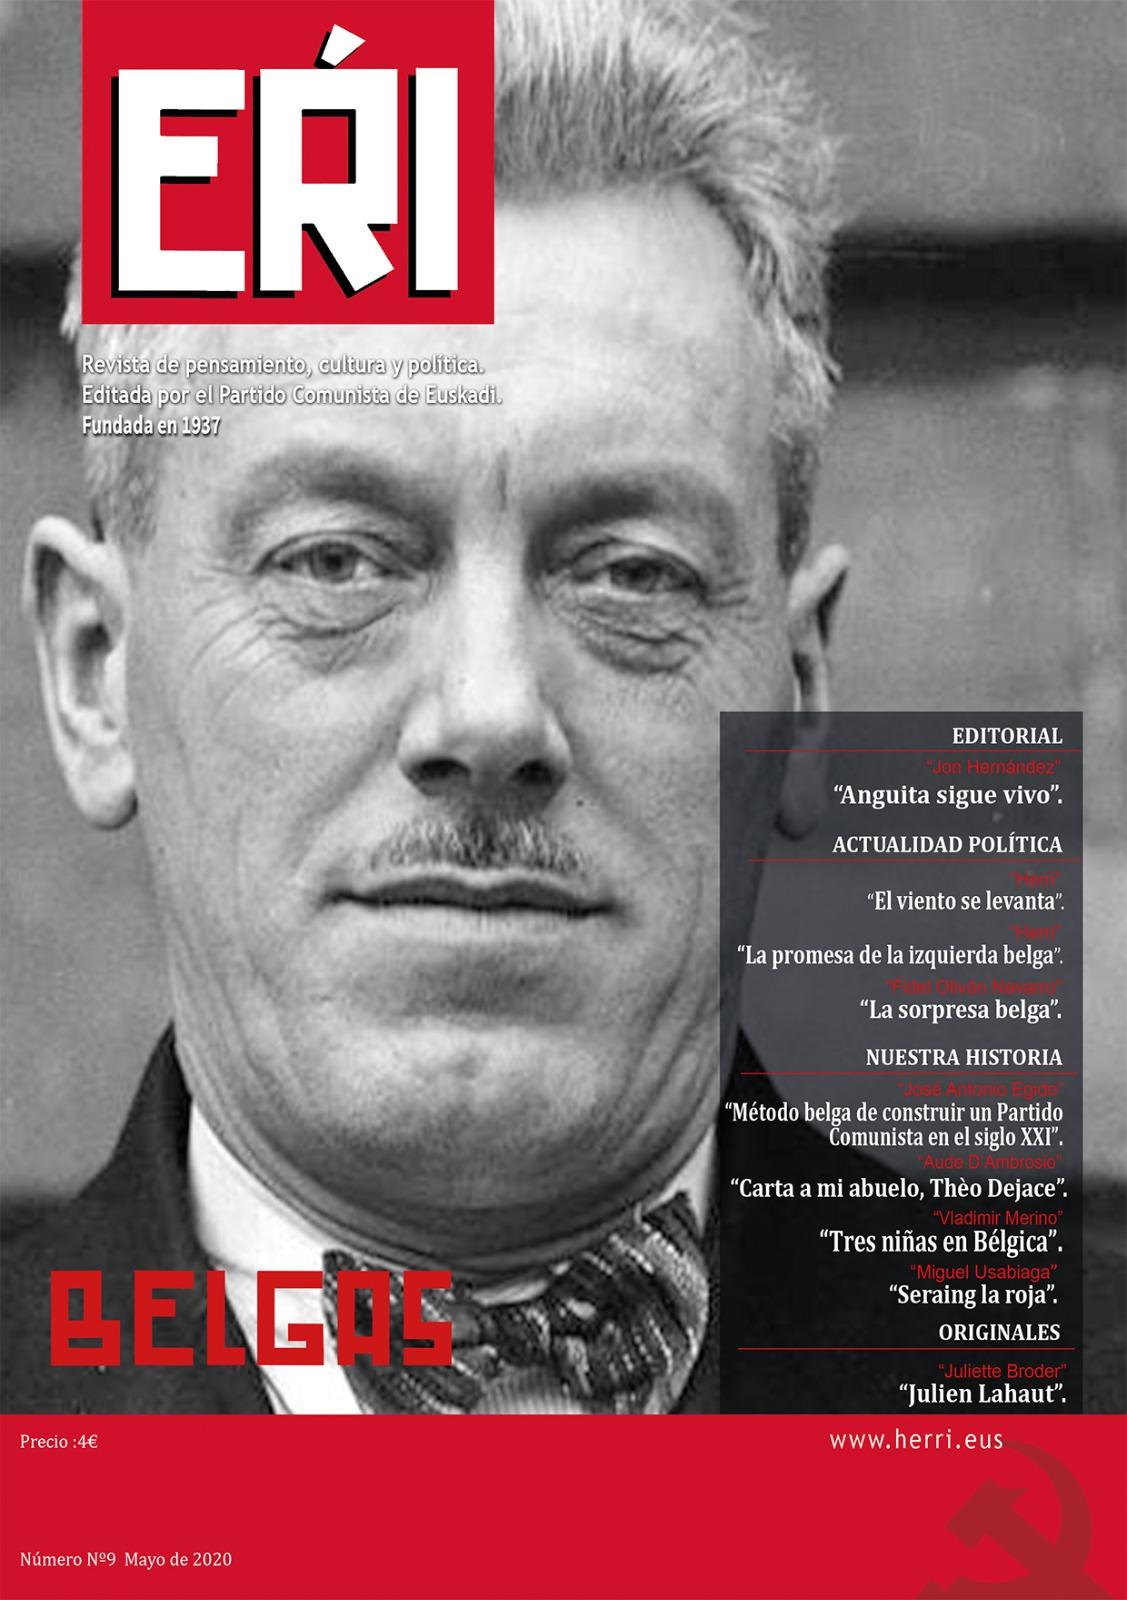 Ya está en los kioscos el número 9 de EŔI, revista de pensamiento, cultura y política editada por el Partido Comunista de Euskadi.